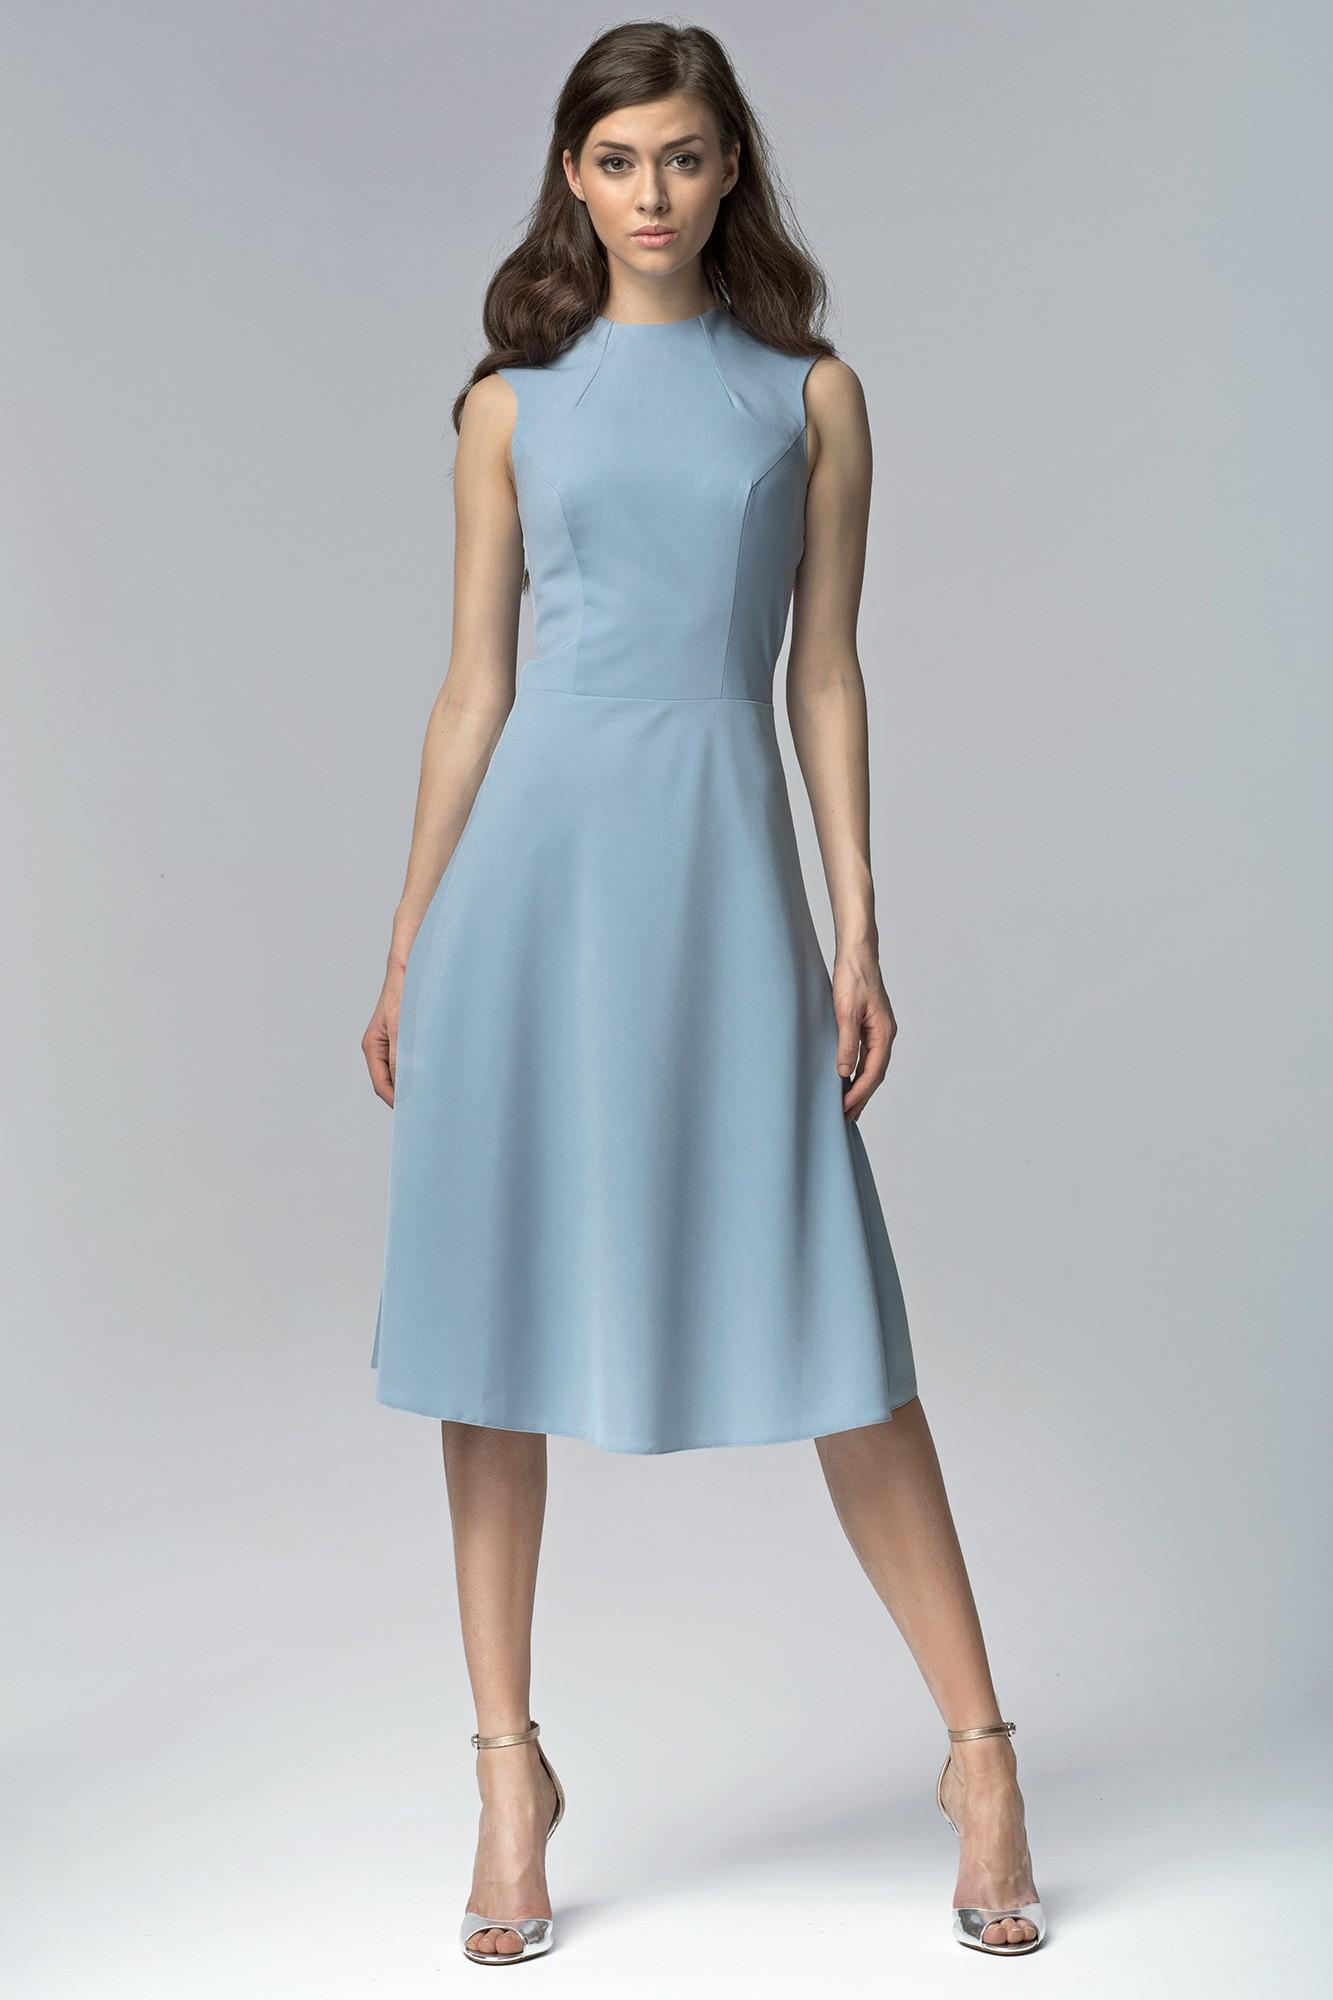 blaues kleid: 70 stilvolle und zarte ideen für einen